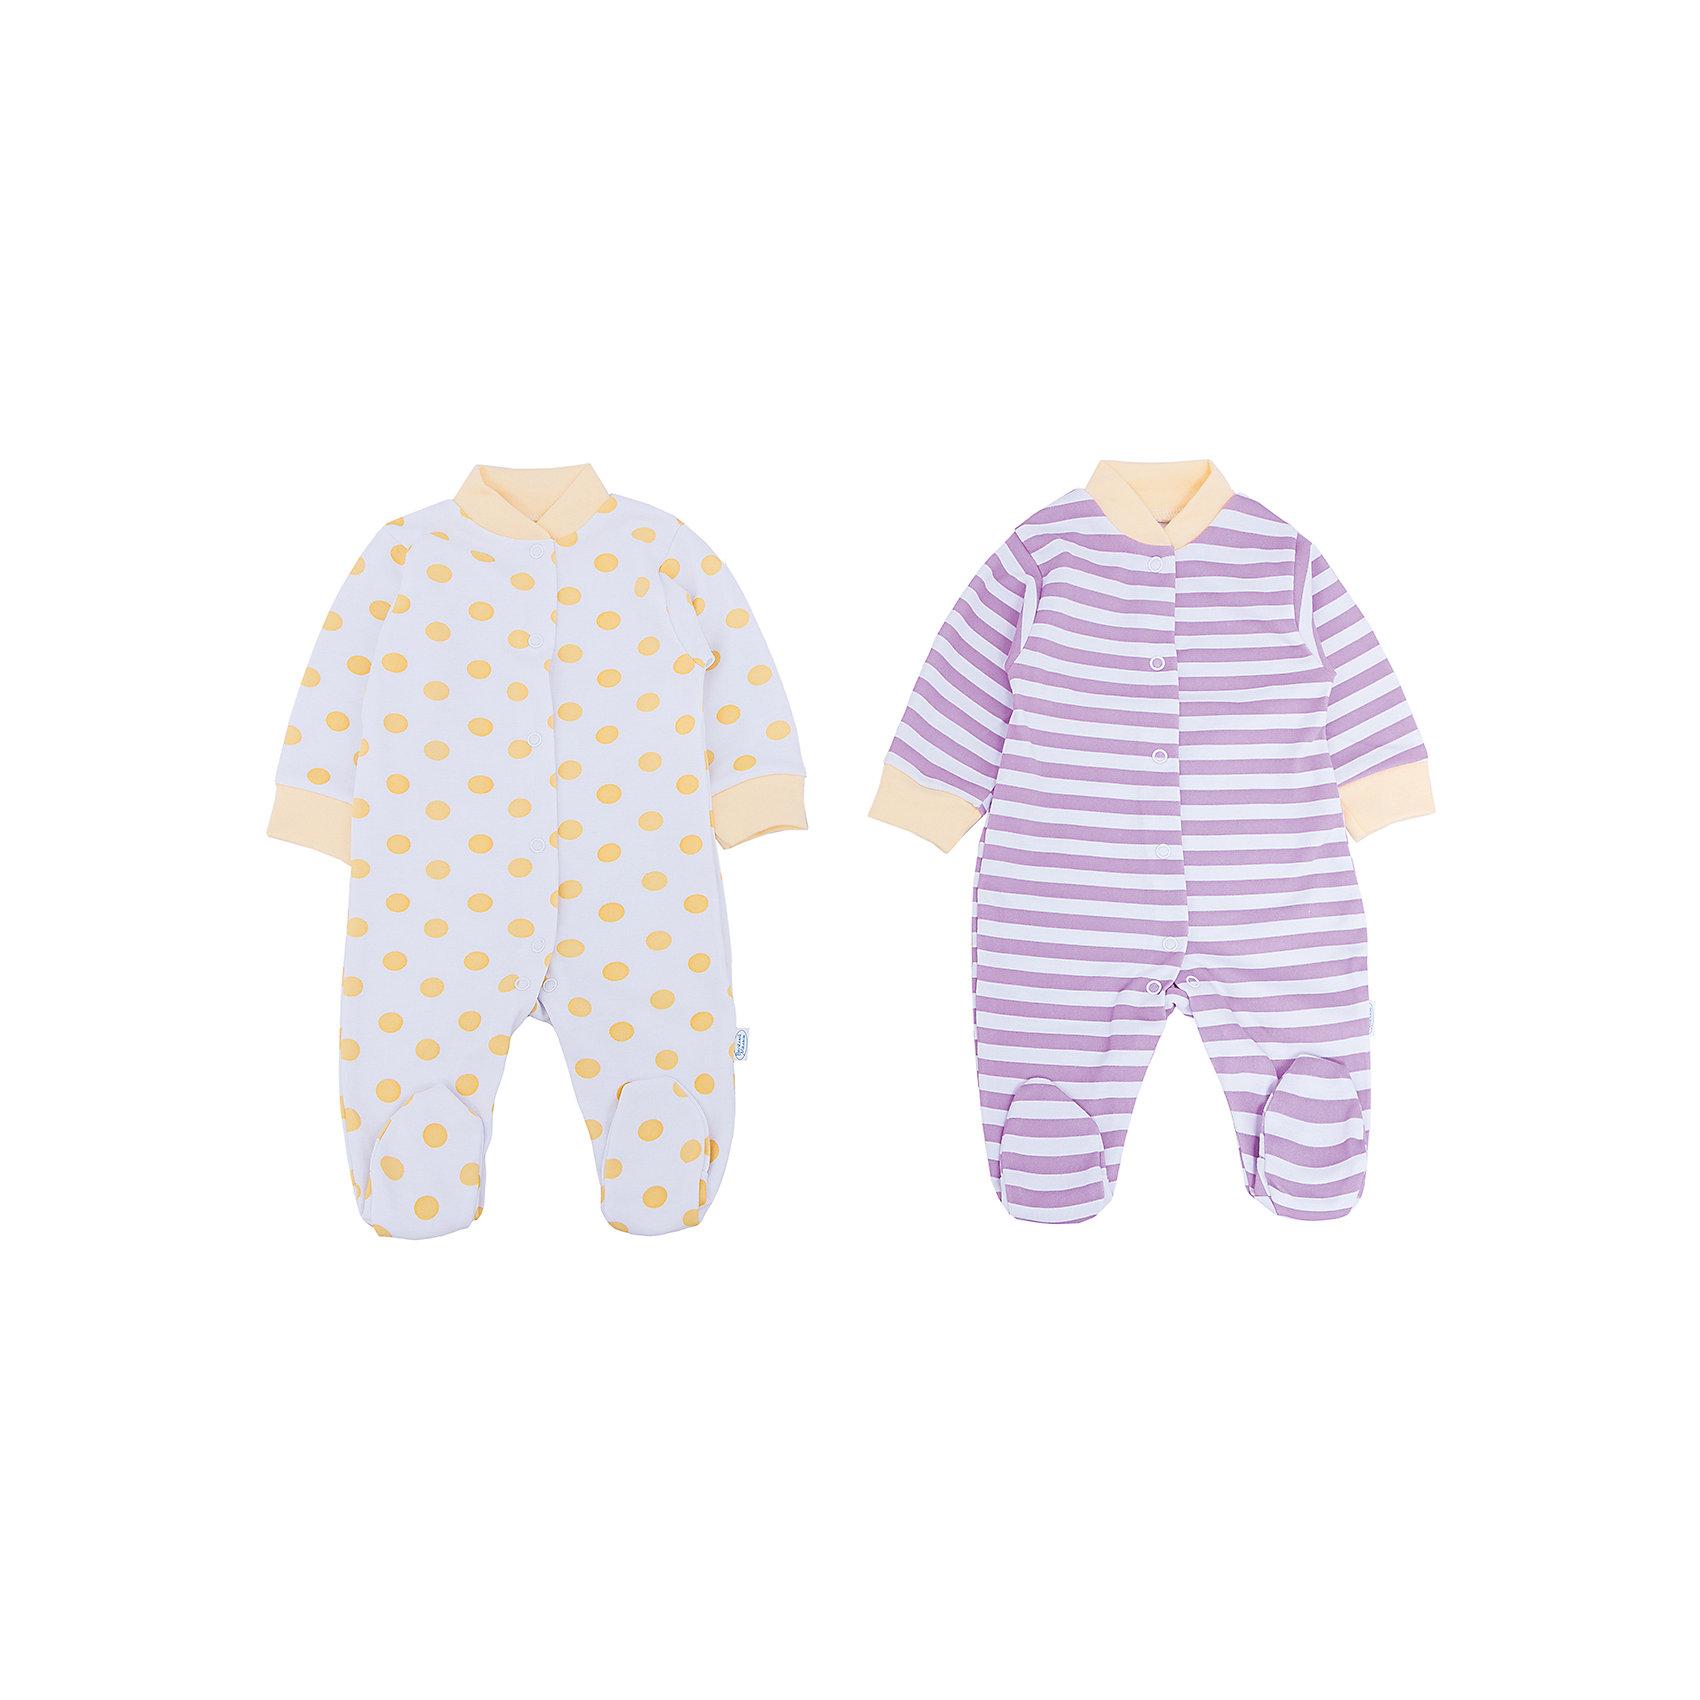 Комбинезон для девочки, 2 шт. Веселый малышКомбинезоны<br>В заботе о ребенке важно всё! Одежда для малышей должна быть удобной и качественной - это один из необходимых факторов для правильного развития и хорошего самочувствия ребенка.<br>Эти комбинезоны отличаются высоким качеством швов, продуманным кроем, что позволяет им хорошо фиксироваться на теле малыша, не сползать и не натирать. Застежки - удобные кнопки, которые не мешают ребенку. Материал - интерлок. Это плотная ткань из натурального хлопка, гладкая, приятная на ощупь, дышащая и гипоаллергенная. Расцветка изделий позволяет легко комбинировать их с различной одеждой. В наборе - два комбинезона разных цветов.<br><br>Дополнительная информация:<br><br>материал: 100% хлопок интерлок;<br>застежки: кнопки;<br>длинный рукав;<br>комплектация: 2 комбинезона.<br><br>Комплект комбинезонов от бренда Веселый малыш можно купить в нашем магазине.<br><br>Ширина мм: 157<br>Глубина мм: 13<br>Высота мм: 119<br>Вес г: 200<br>Цвет: желтый<br>Возраст от месяцев: 2<br>Возраст до месяцев: 5<br>Пол: Женский<br>Возраст: Детский<br>Размер: 62,56,74,80,68<br>SKU: 4810244